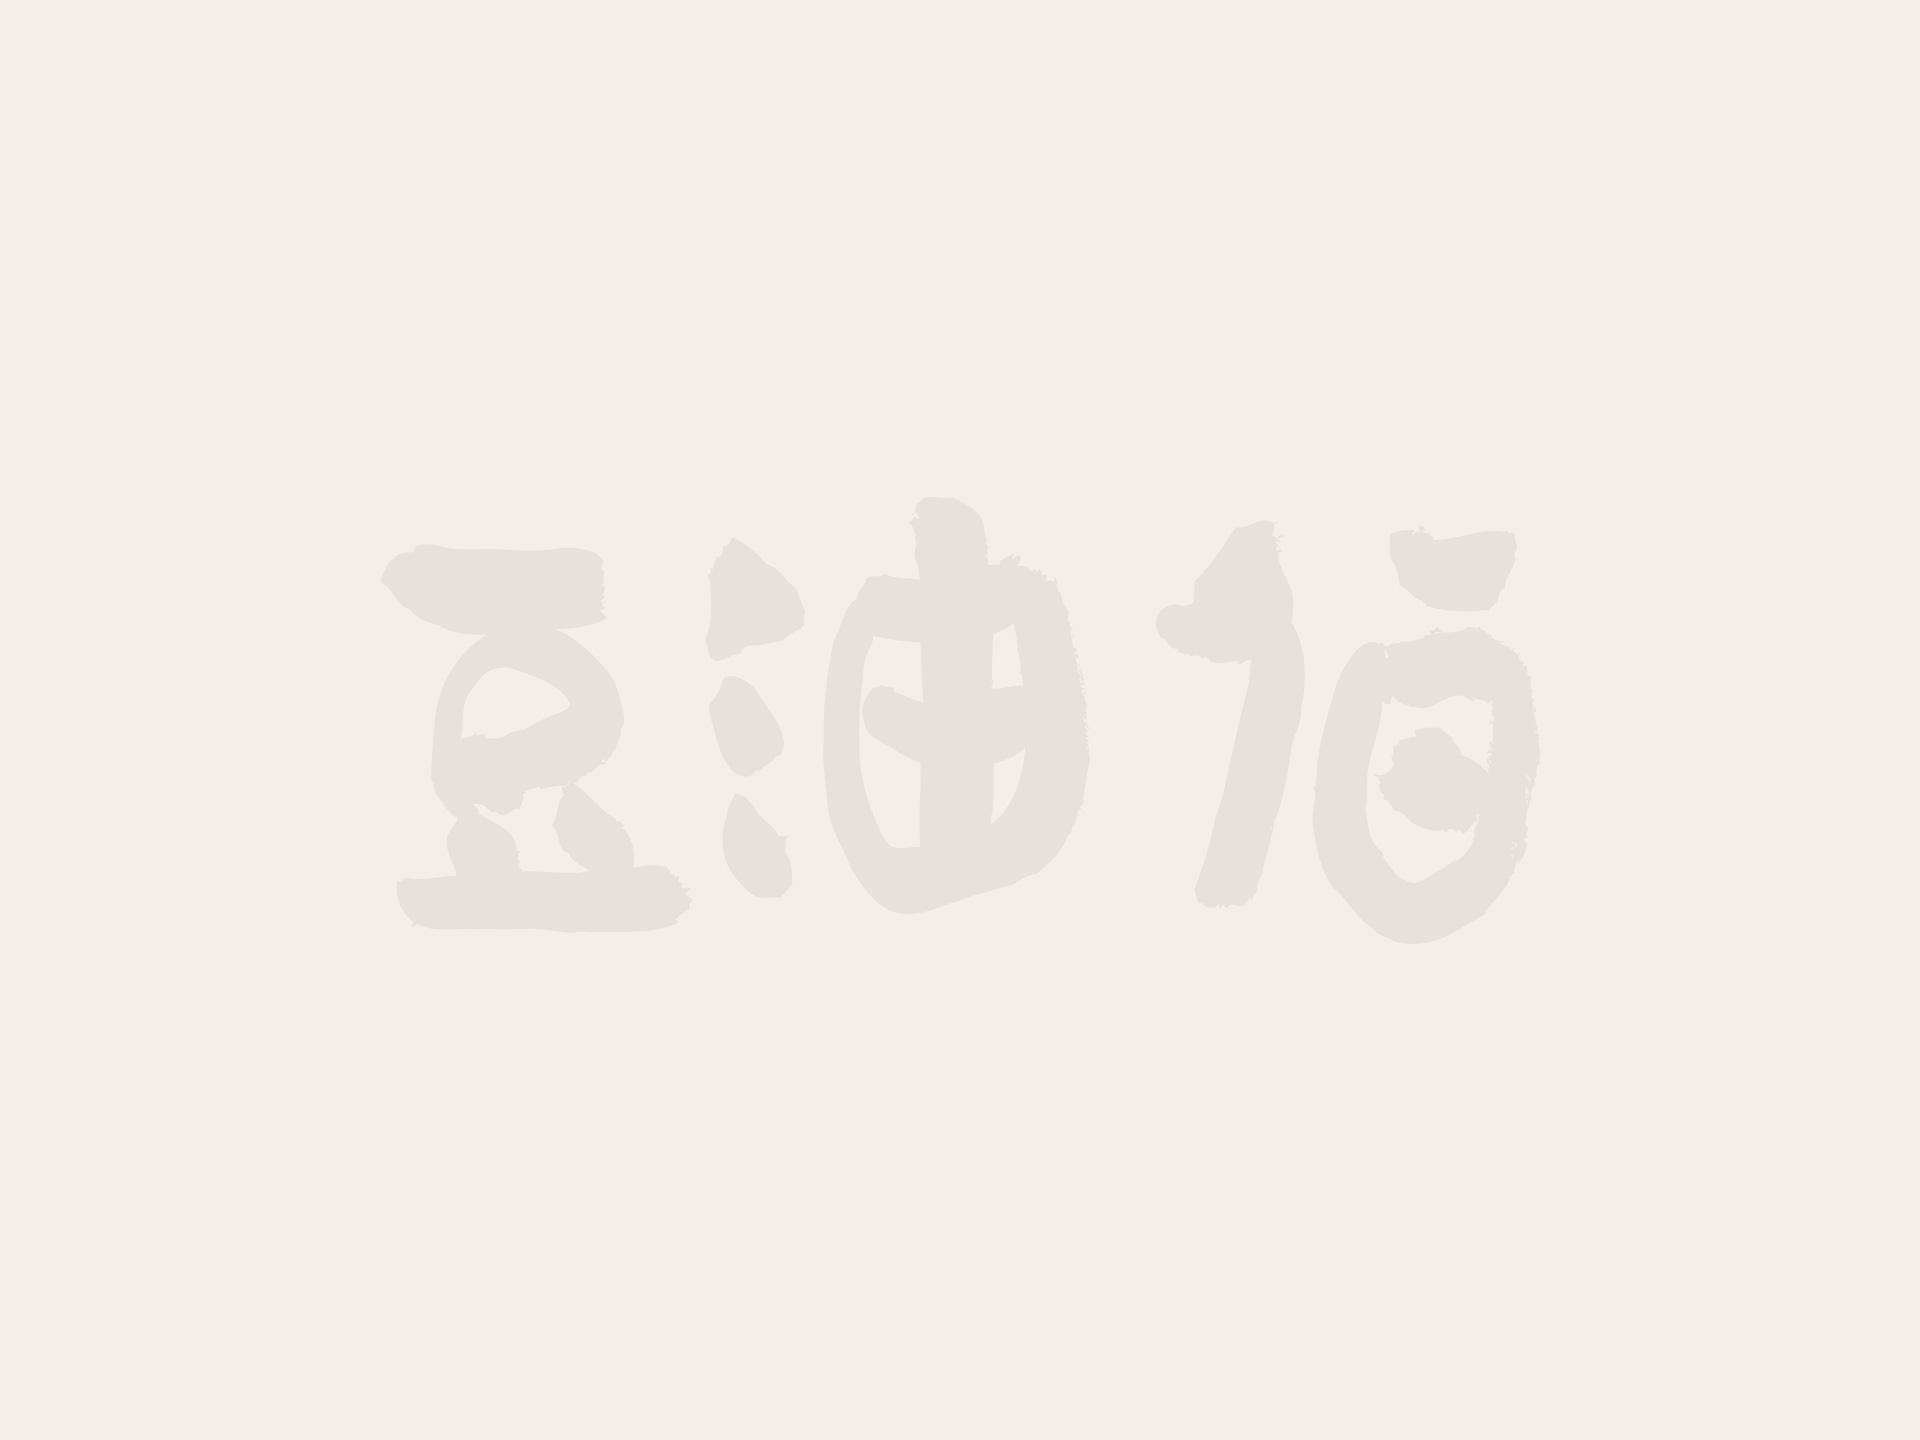 【純釀三寶好禮組】缸底醬油2入+金豆醬油2入+紅麴醬油2入(禮盒2組,共6入)